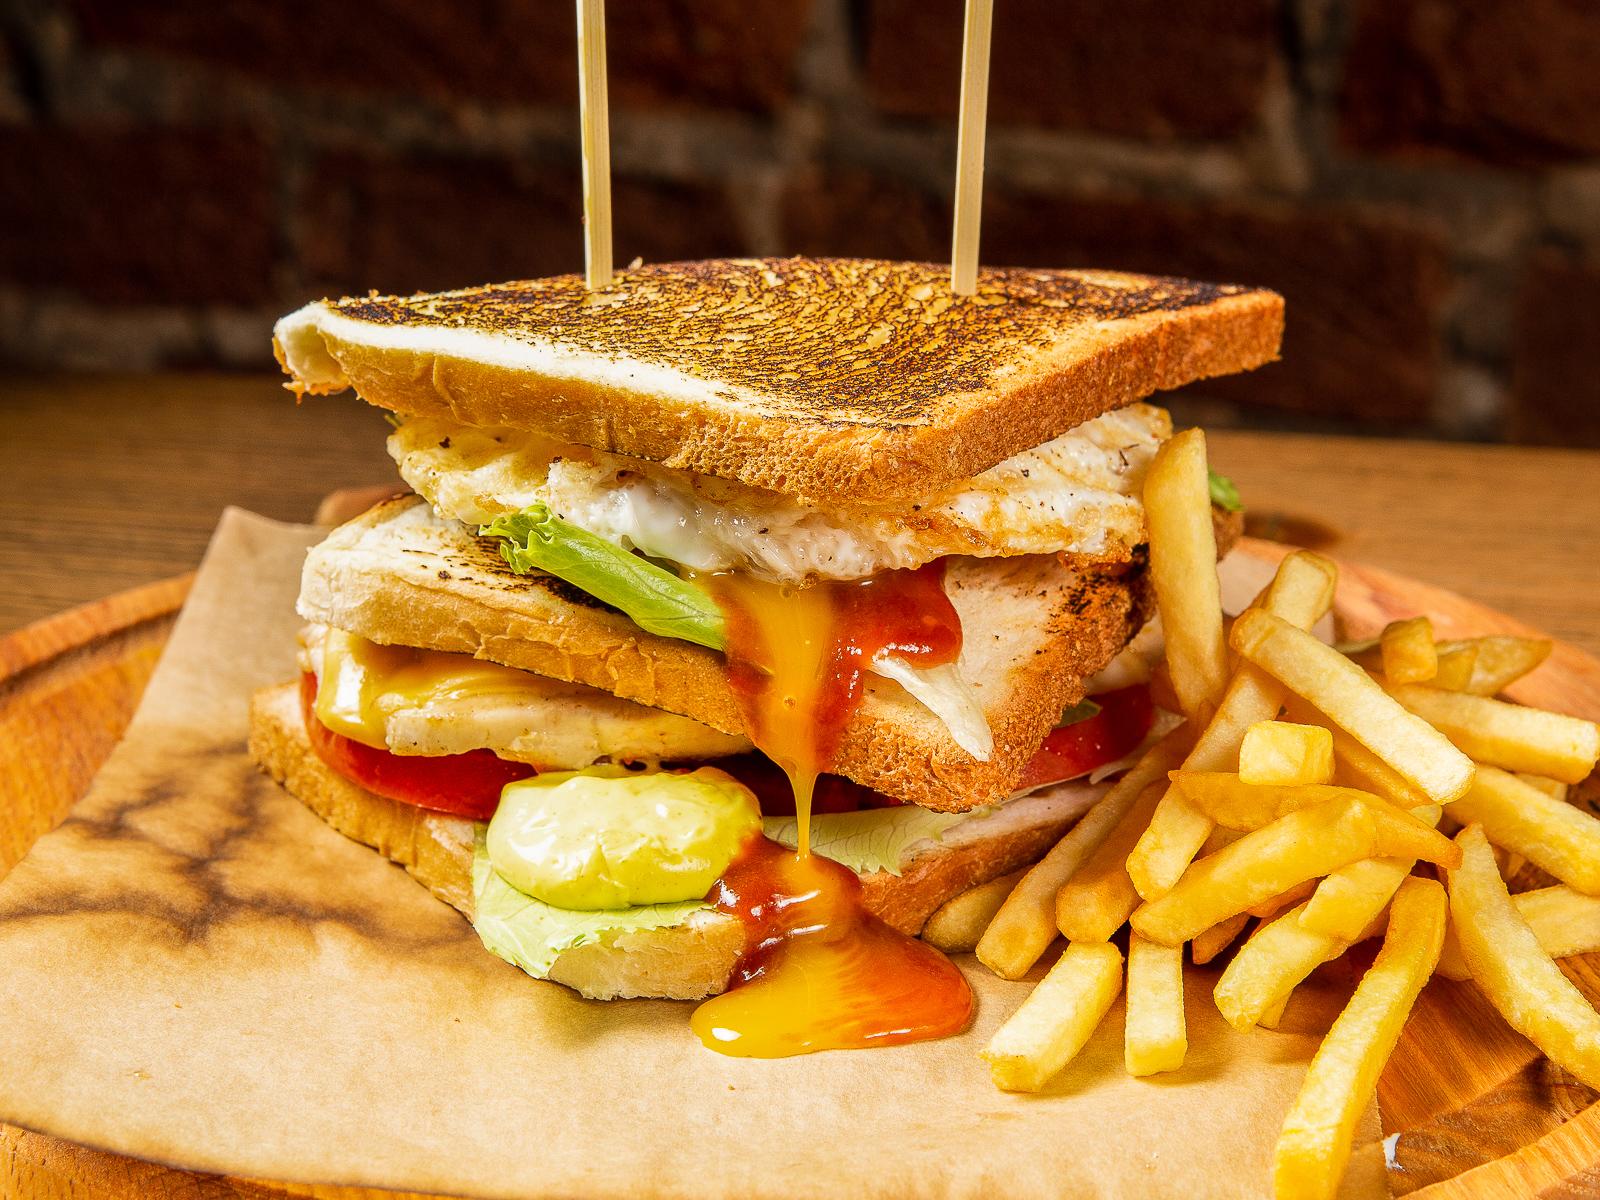 Клаб-сэндвич с куриным филе и картофелем фри